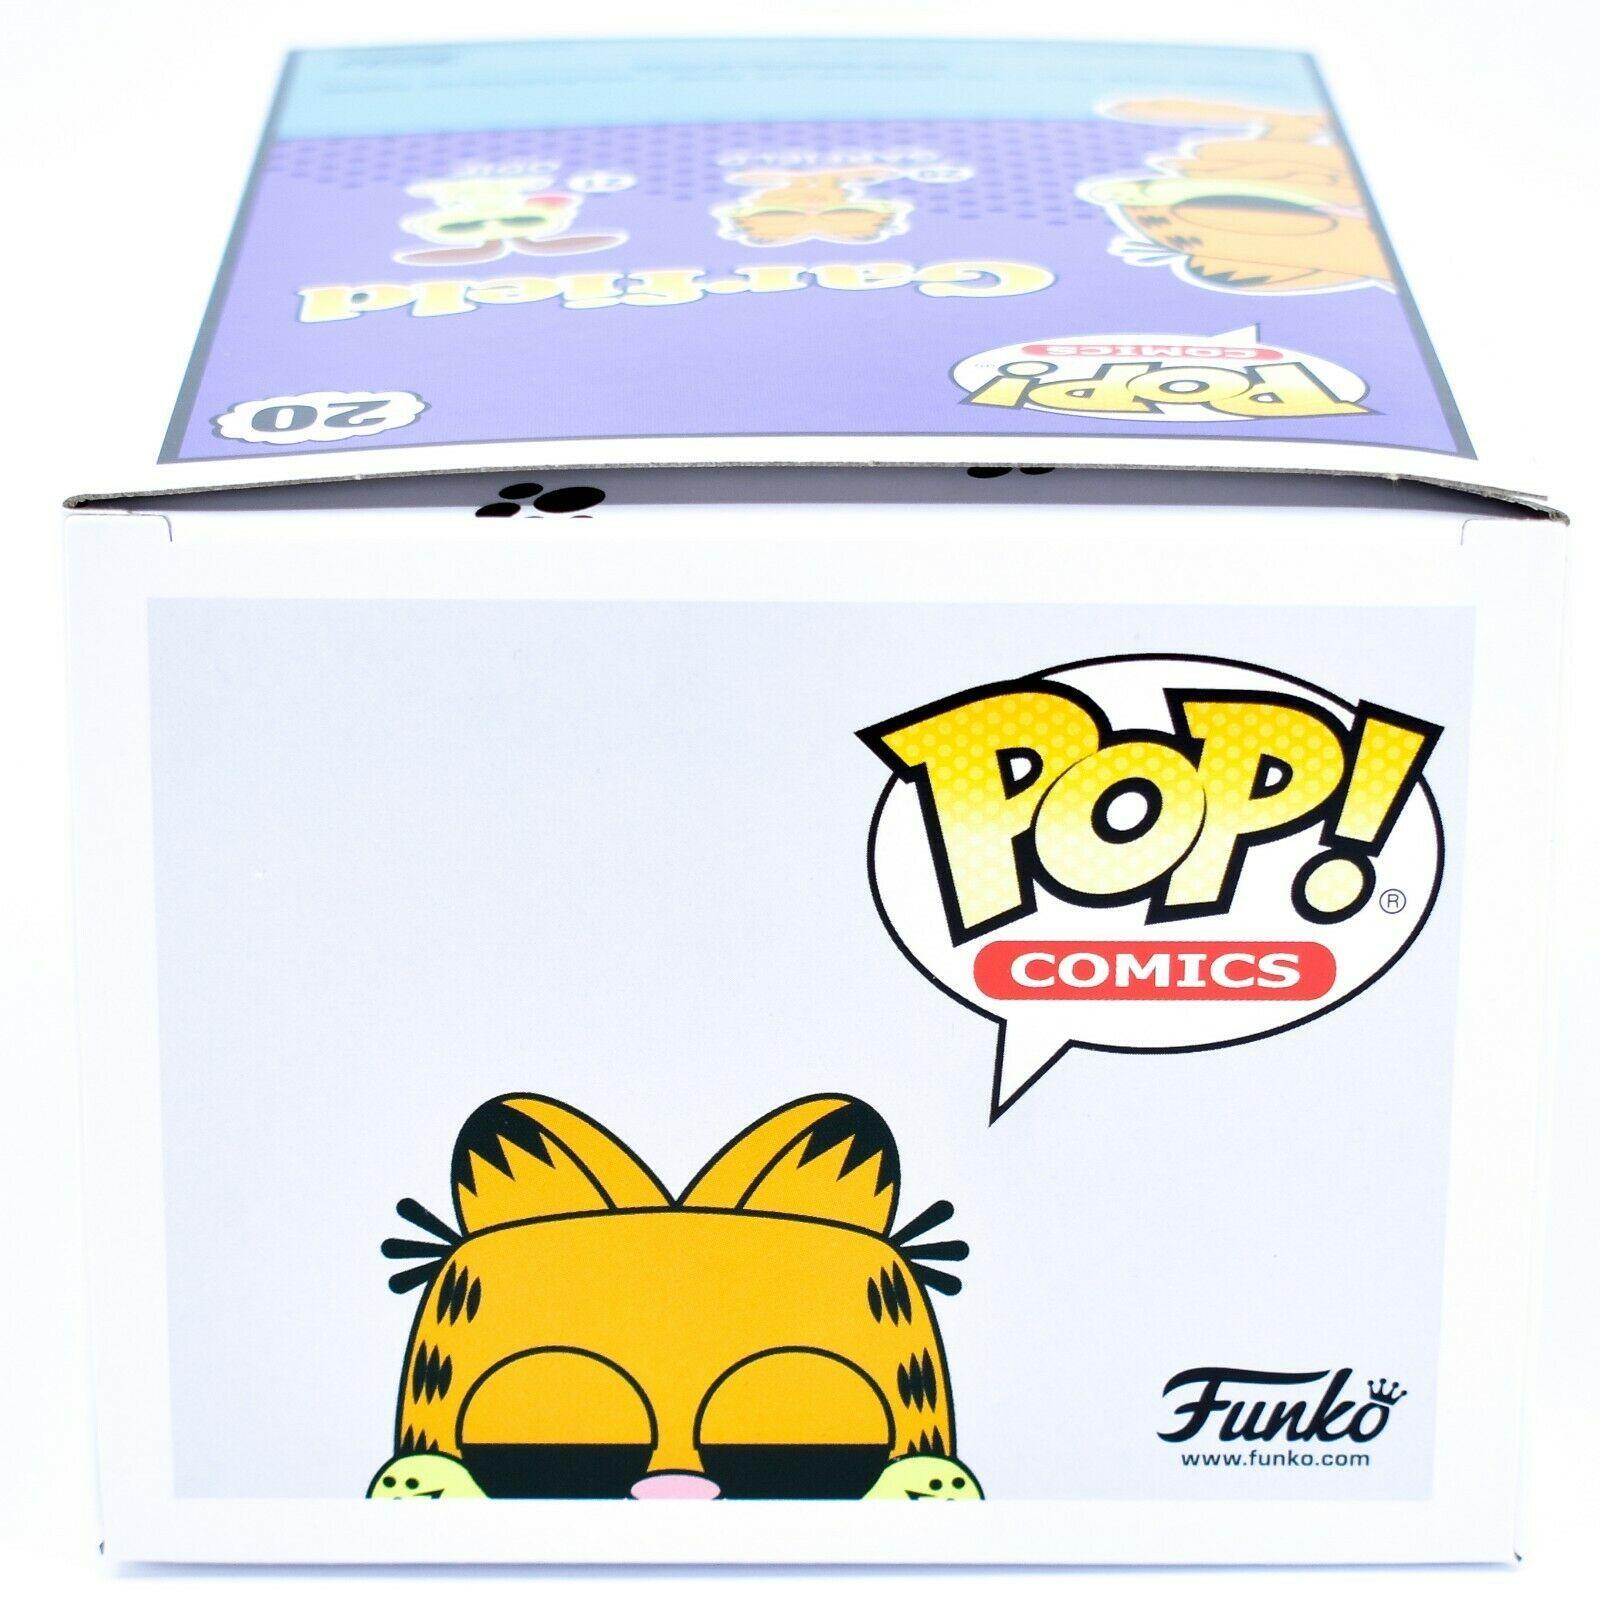 Funko Pop Comics Garfield 20 Vinyl Action Figure